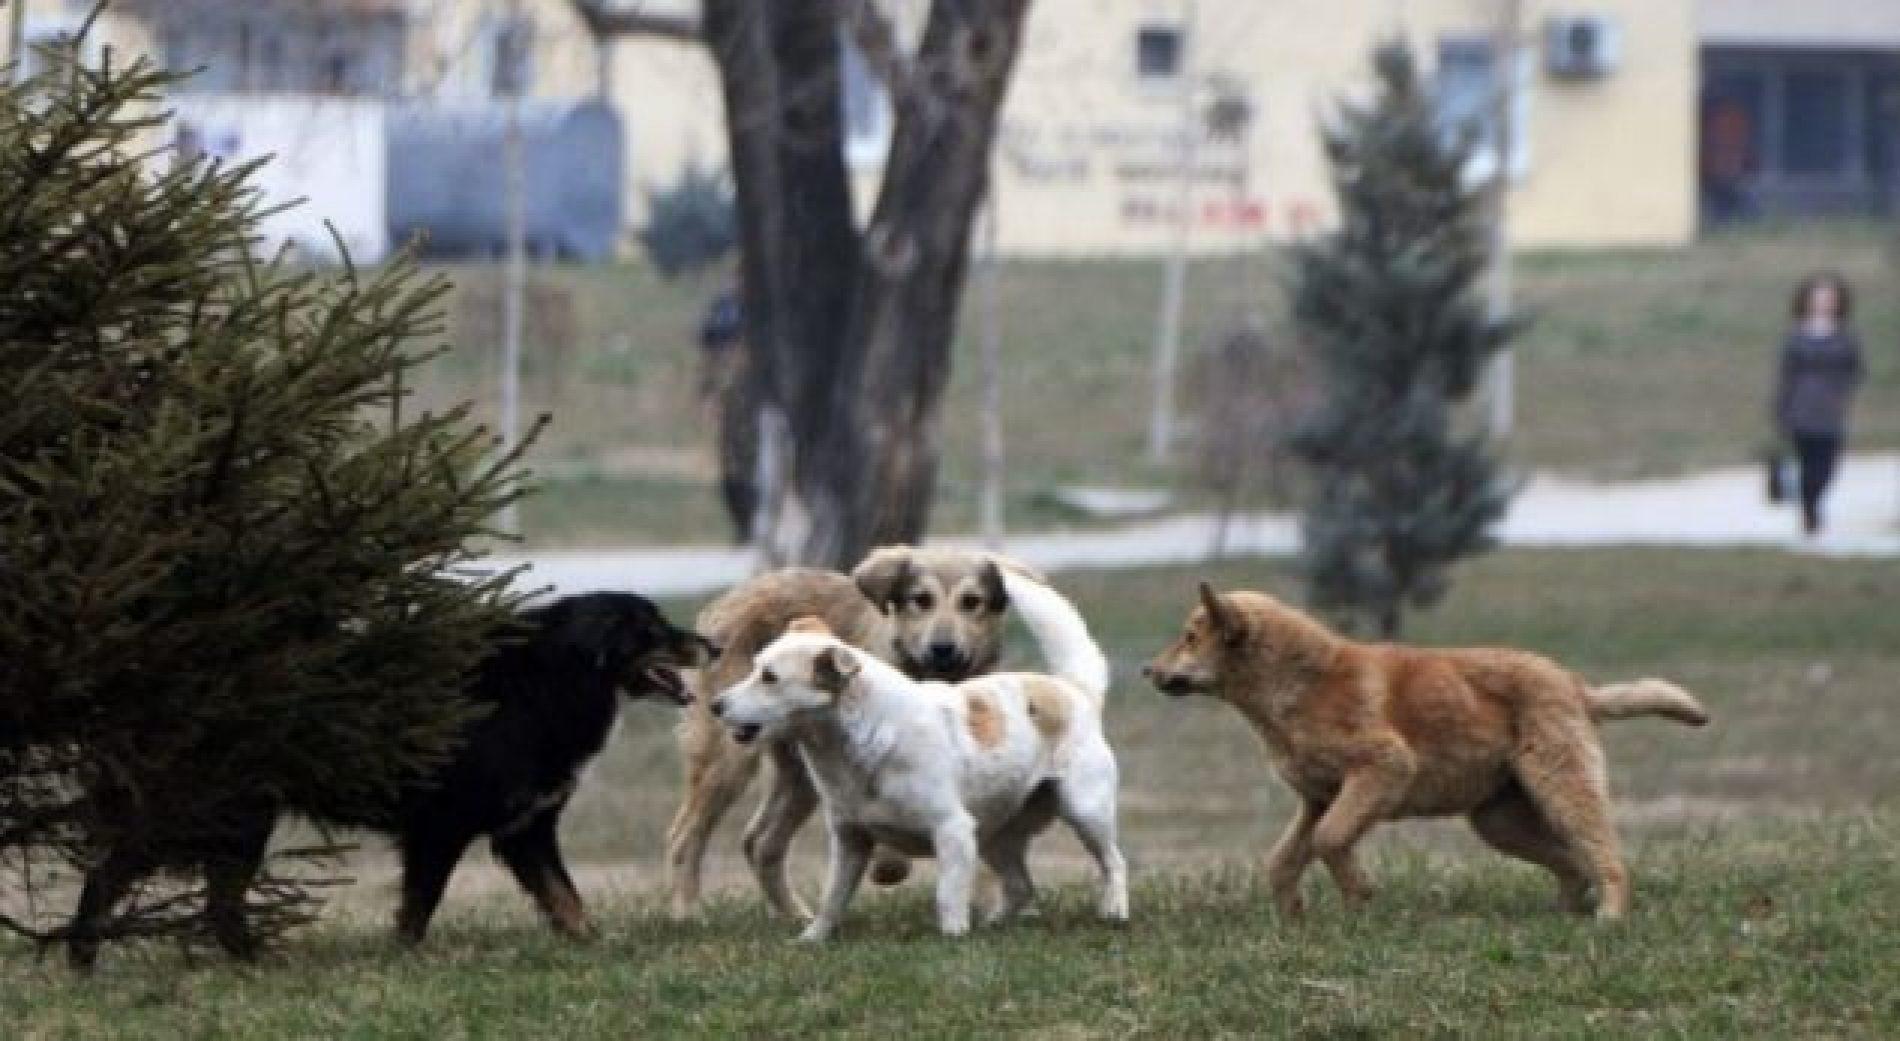 Shkup, shpenzime të mëdha për kompenzimin e dëmeve për sulmet e qenve endacak